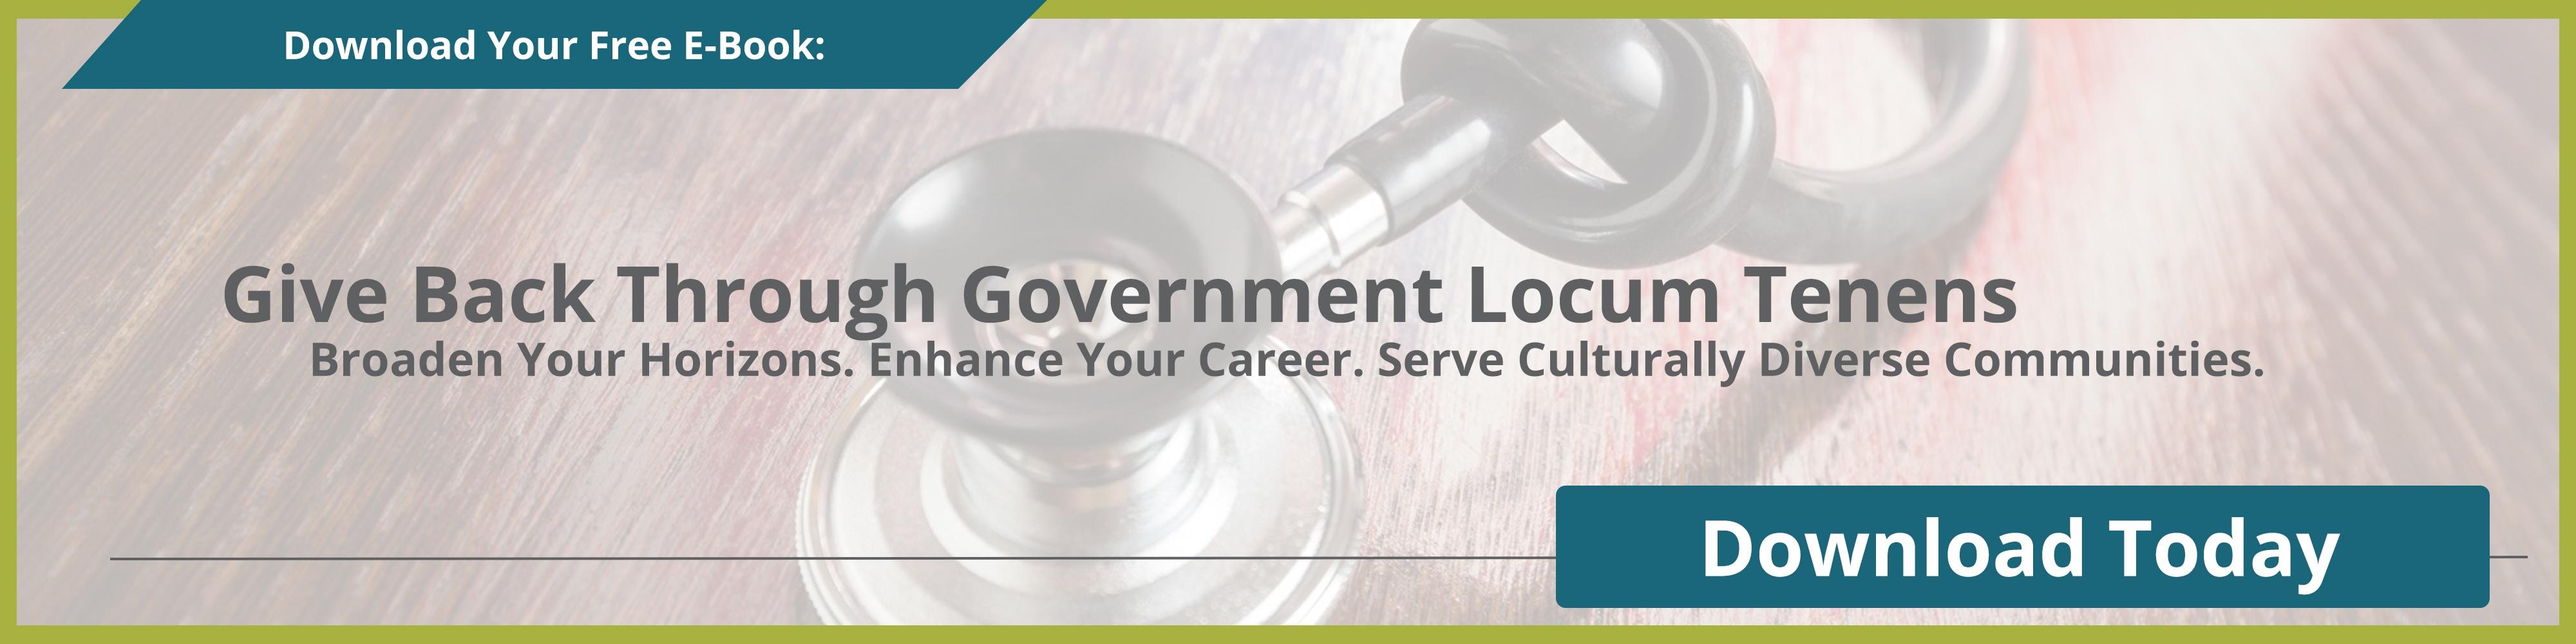 Giving Back through Government Locum Tenens